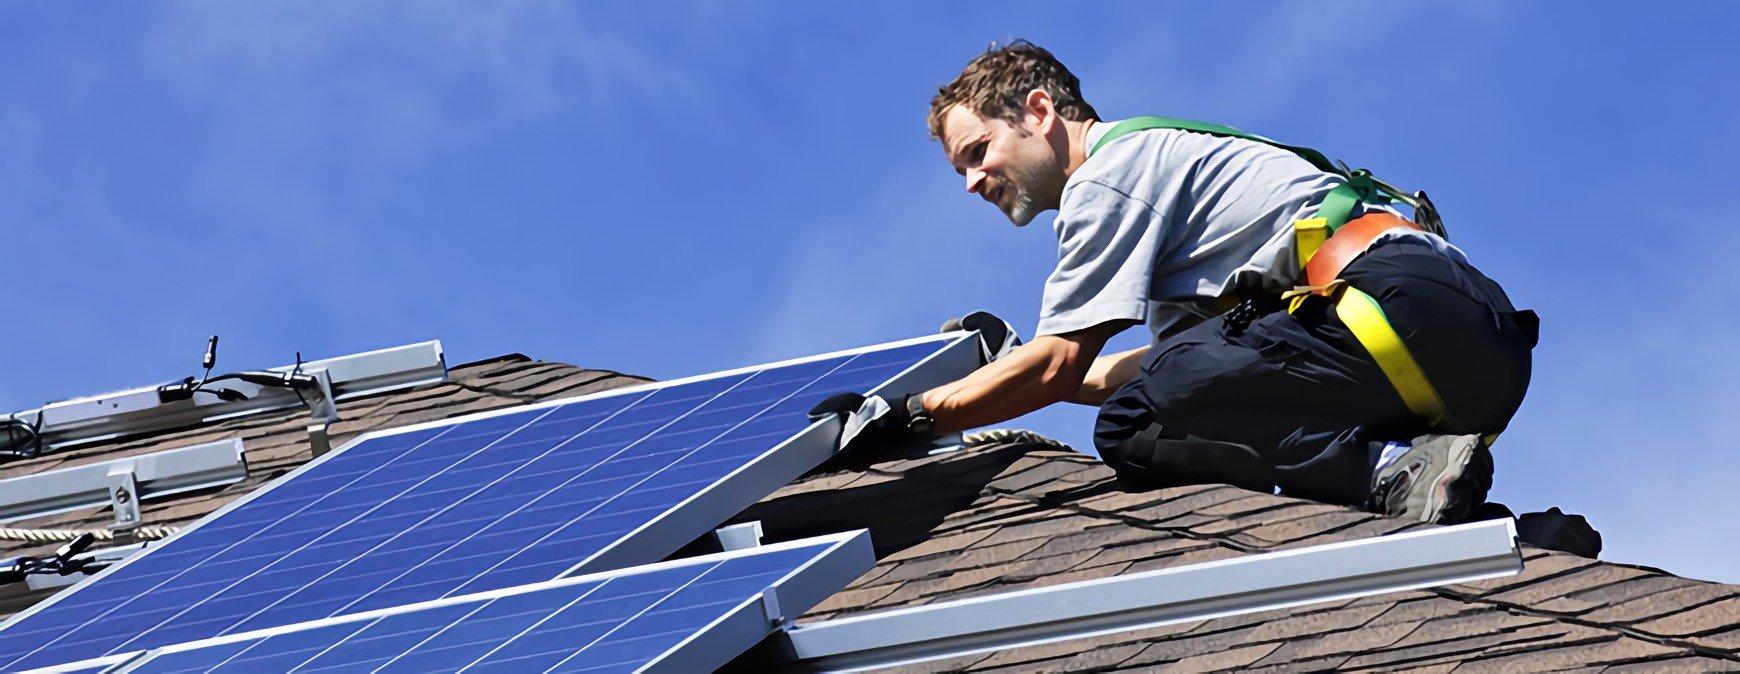 solar installation career